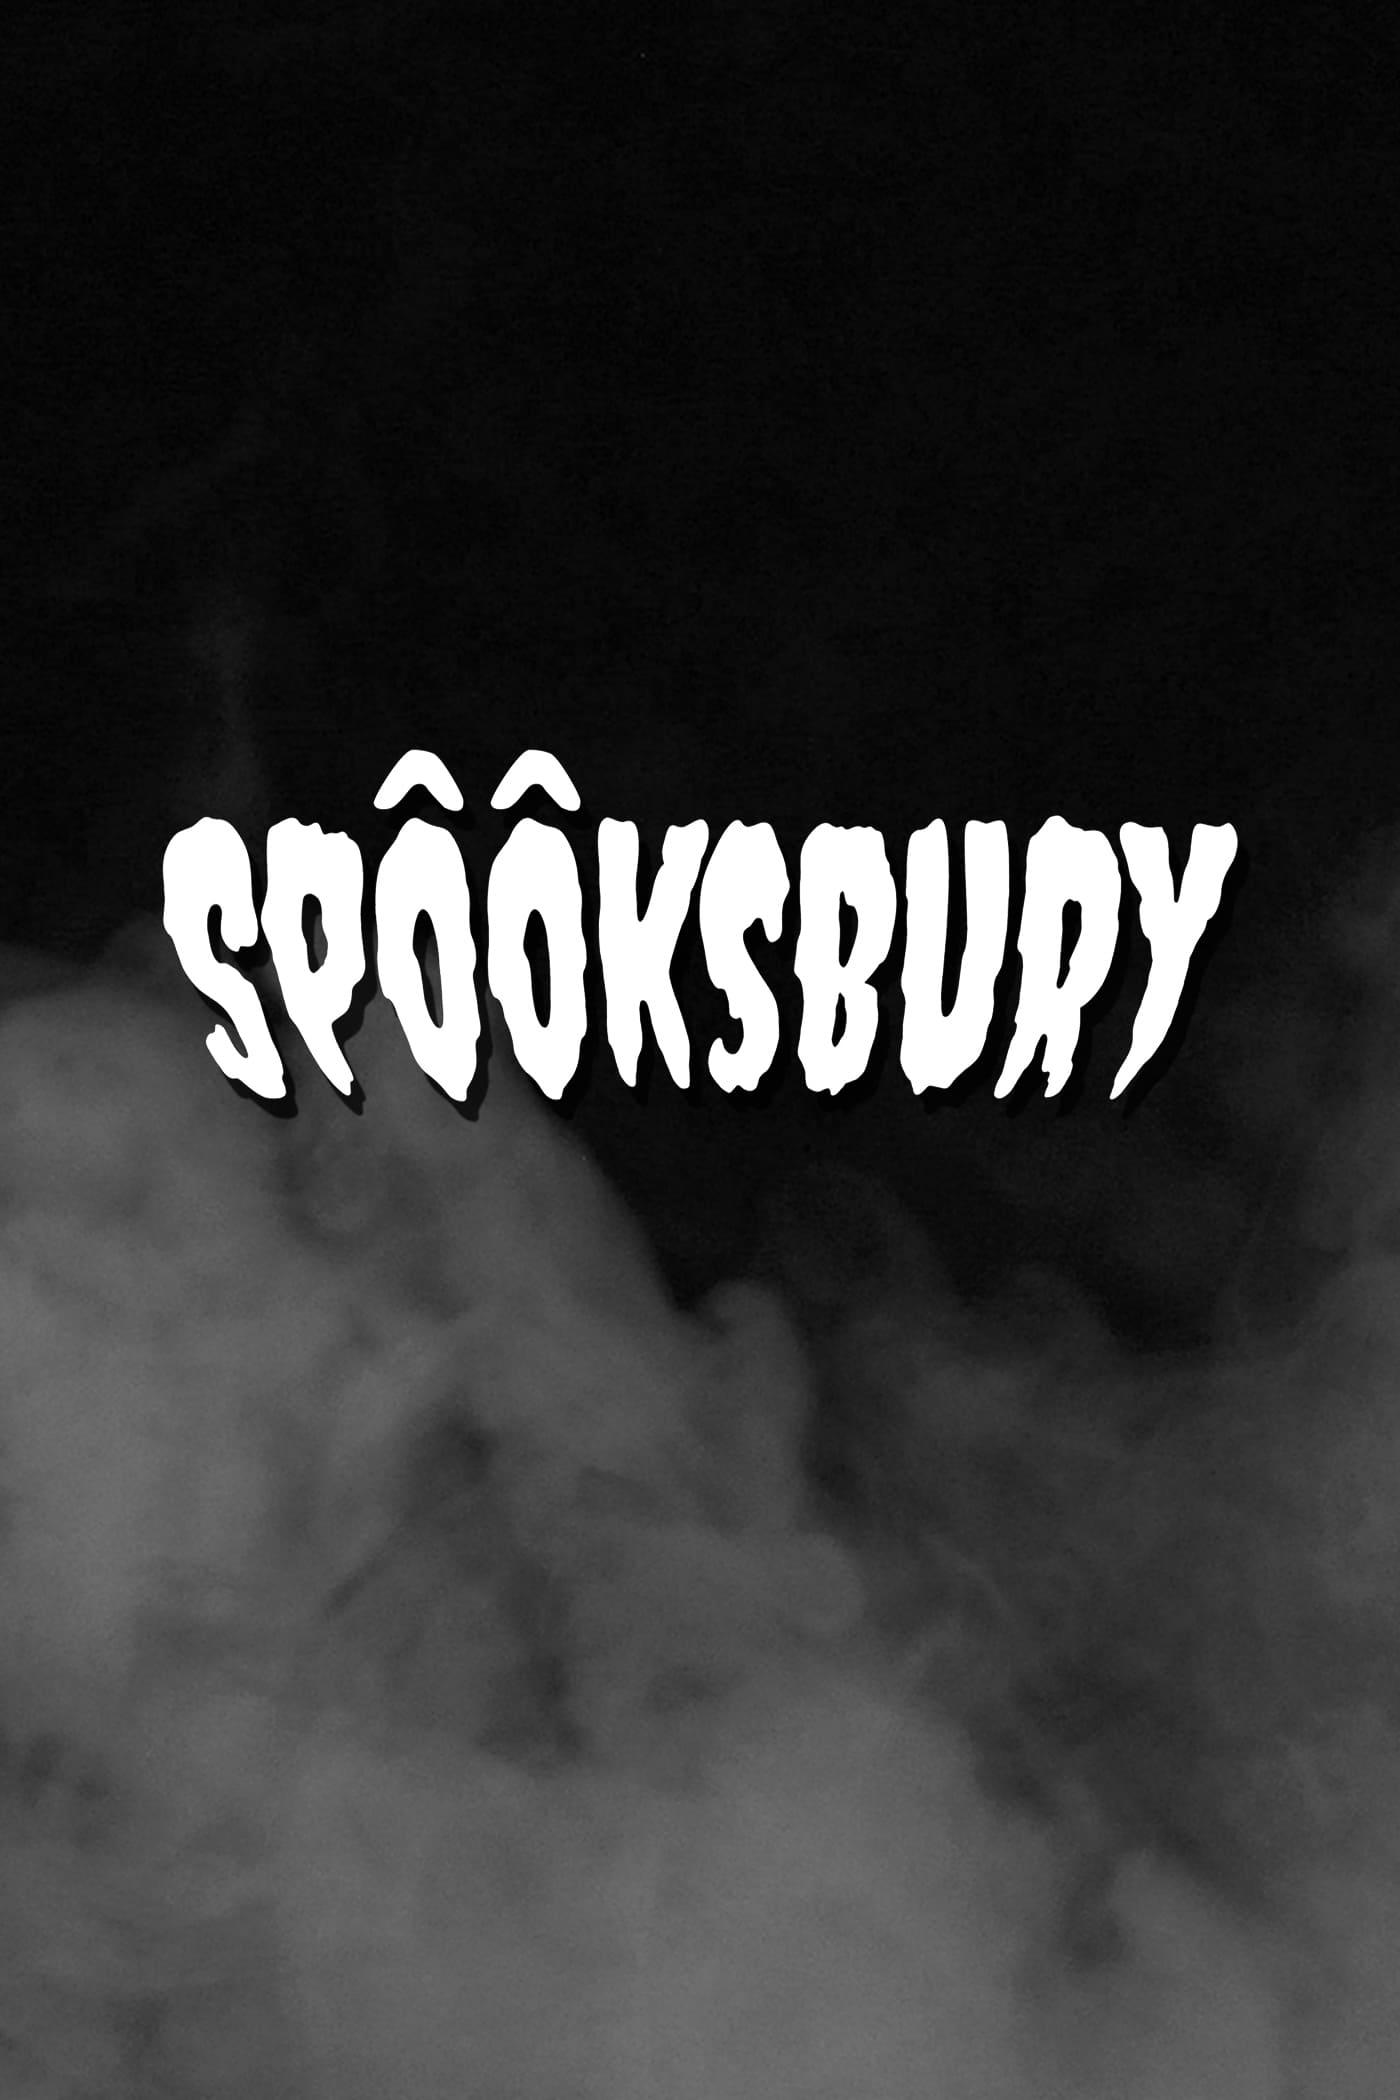 Spooksbury